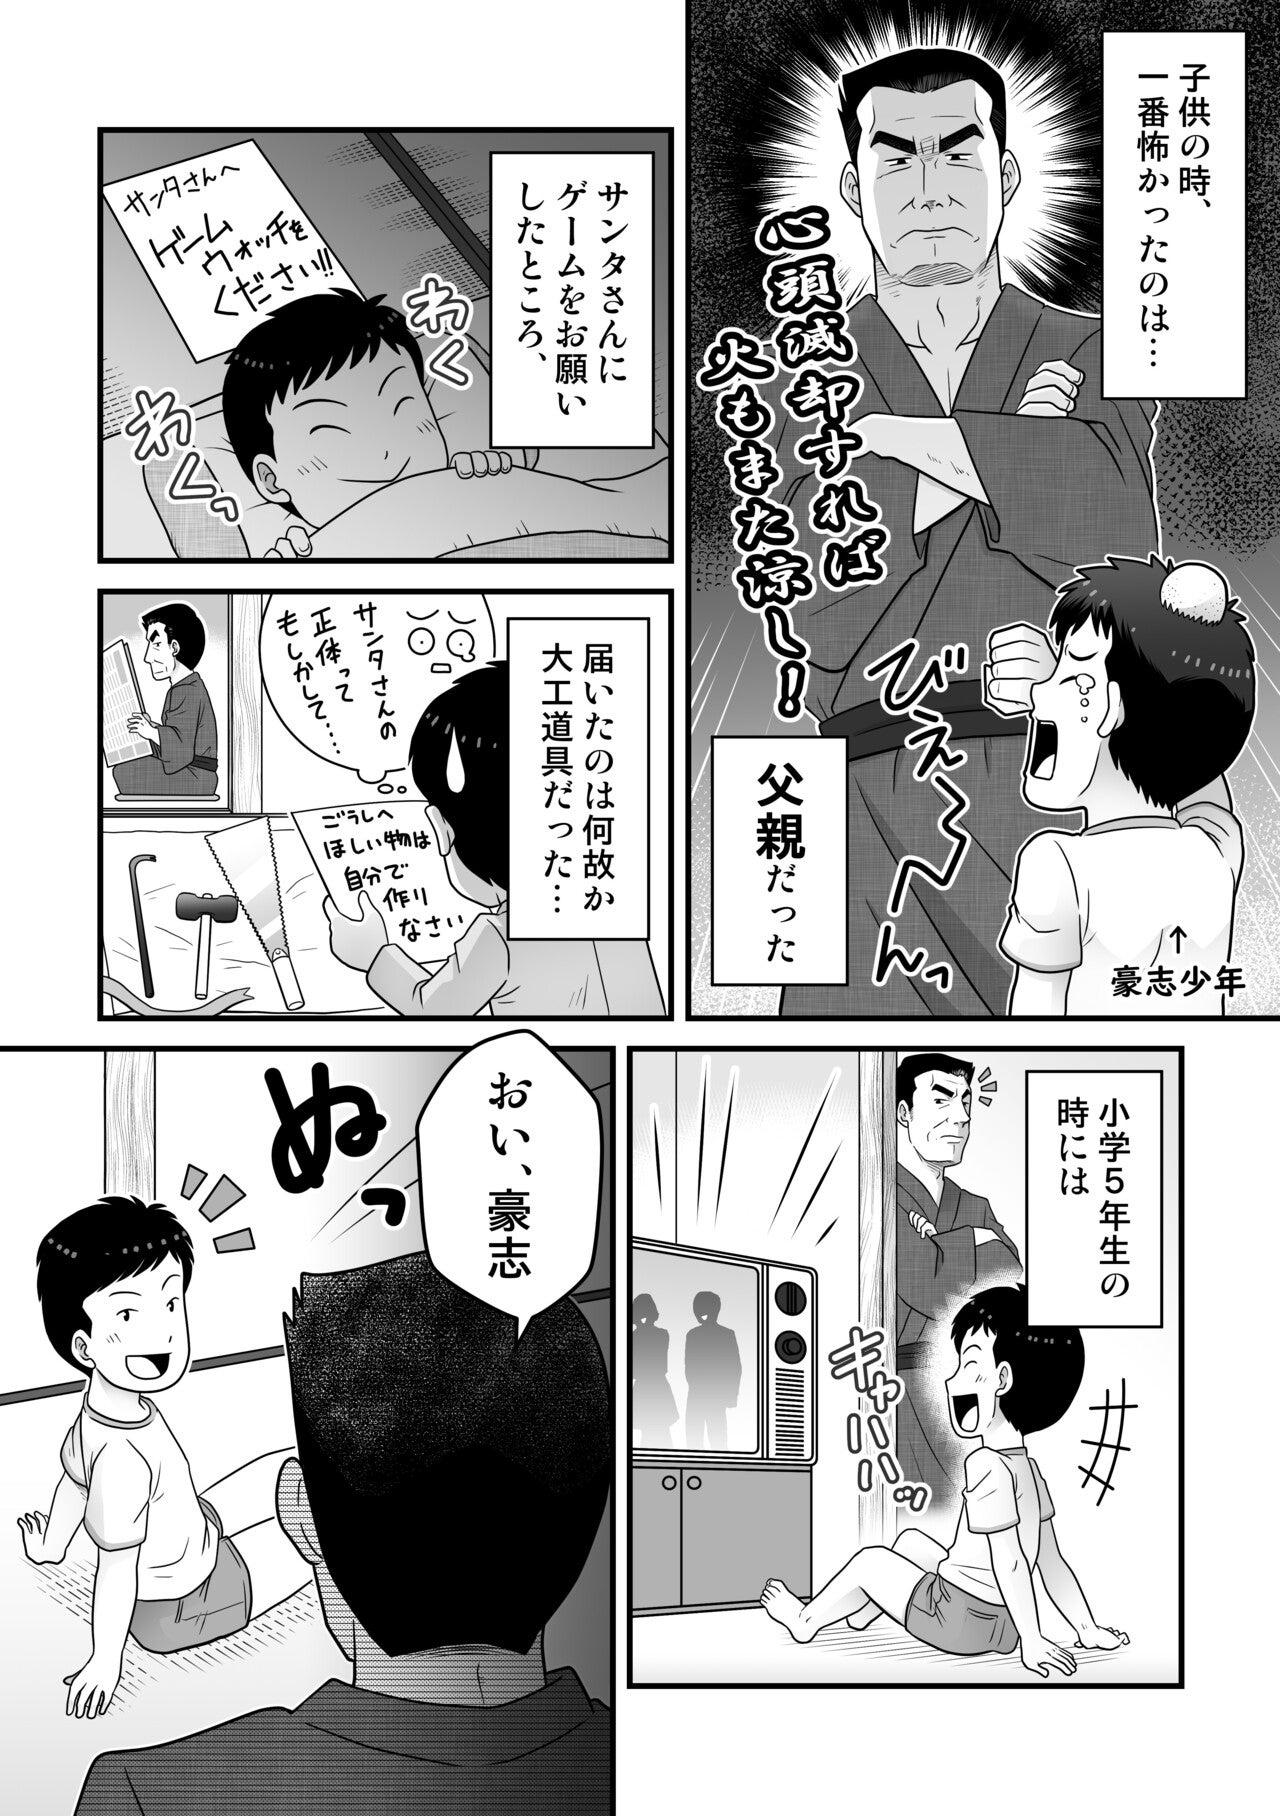 マンガ仕上げ_002